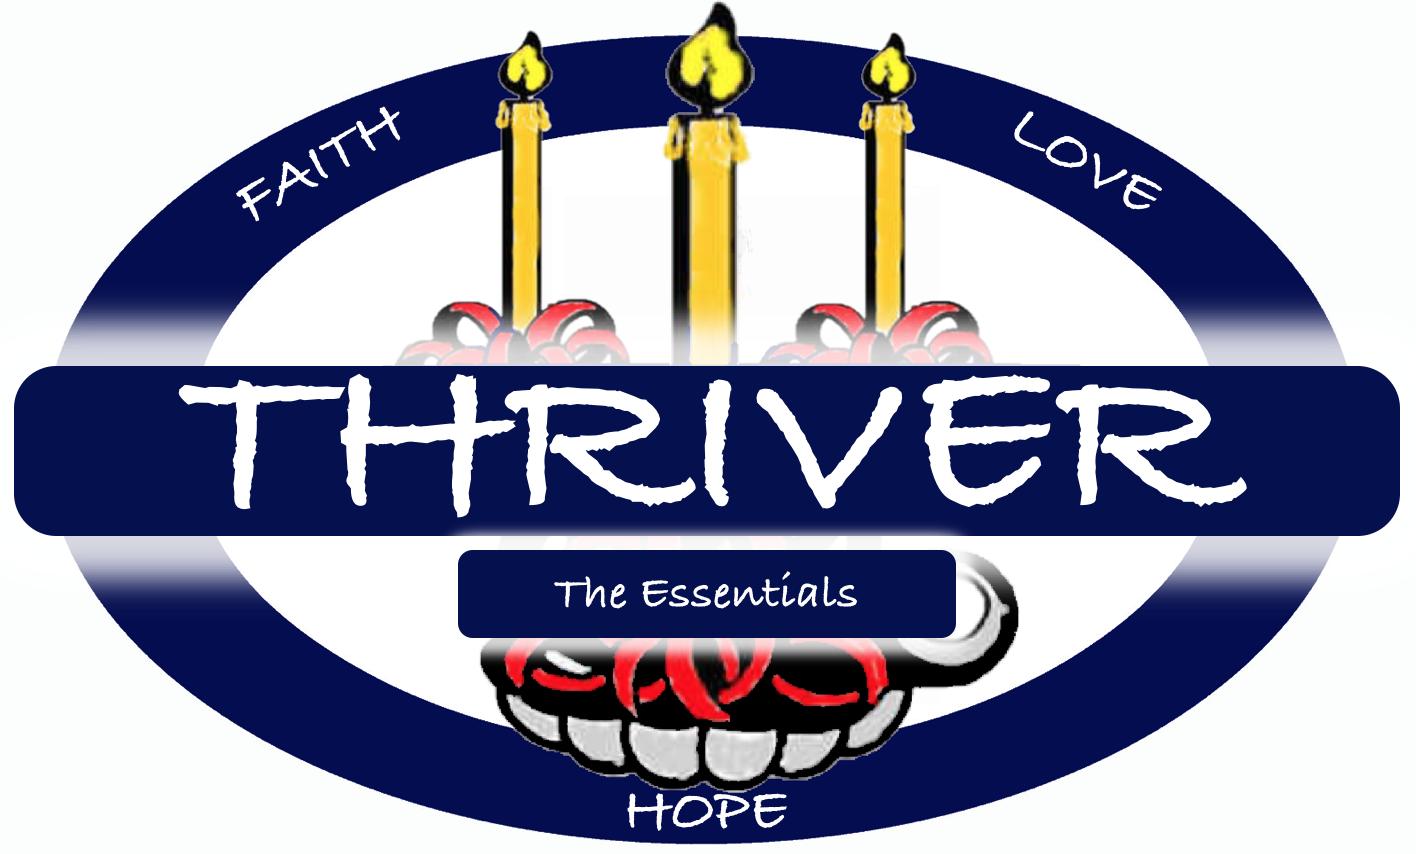 Thriver logo